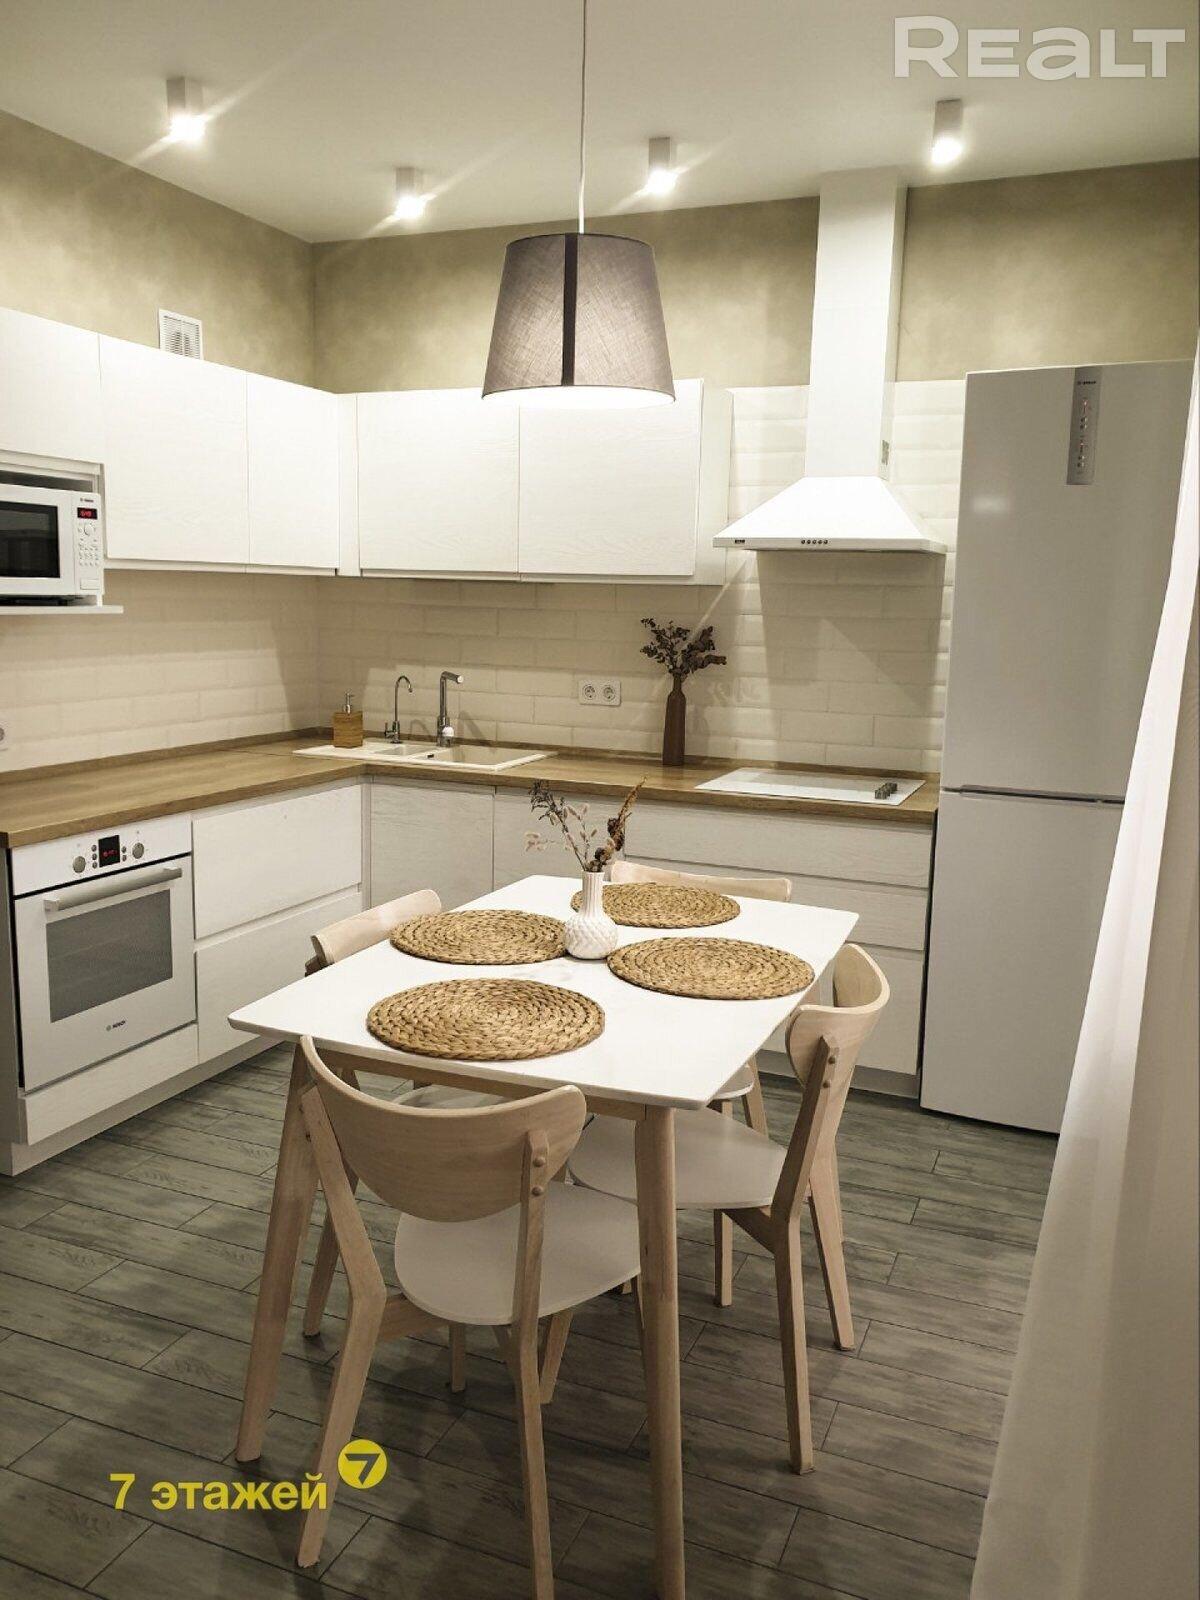 Продается очень просторная и современная трехкомнатная квартира в центре города Минска